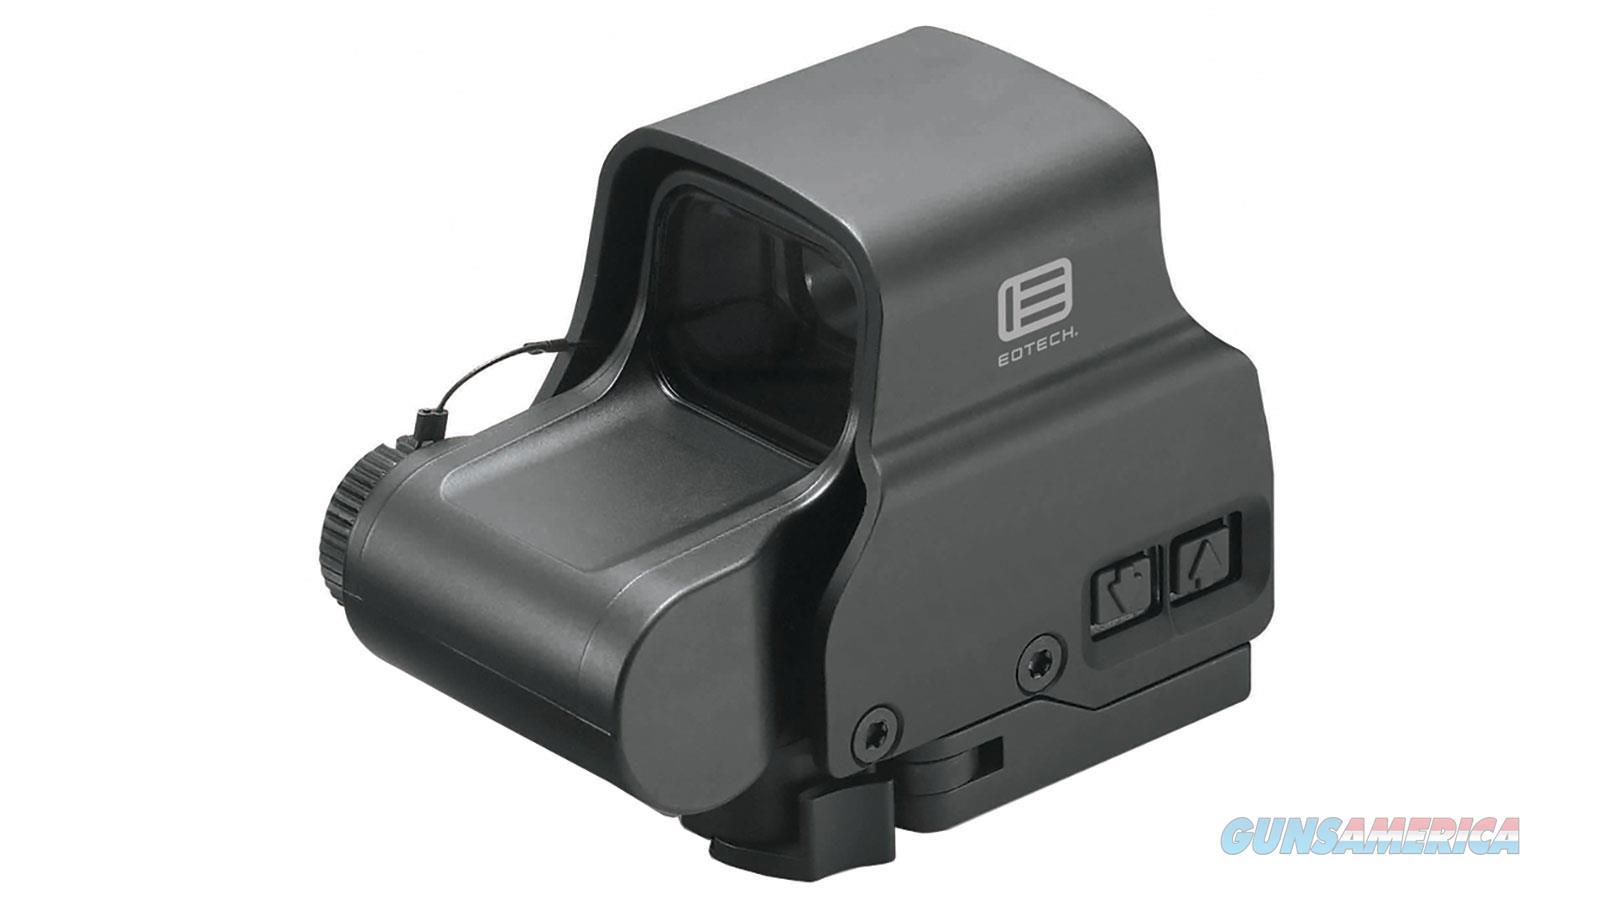 Eotech Exps2-2 EXPS2-2  Non-Guns > Iron/Metal/Peep Sights